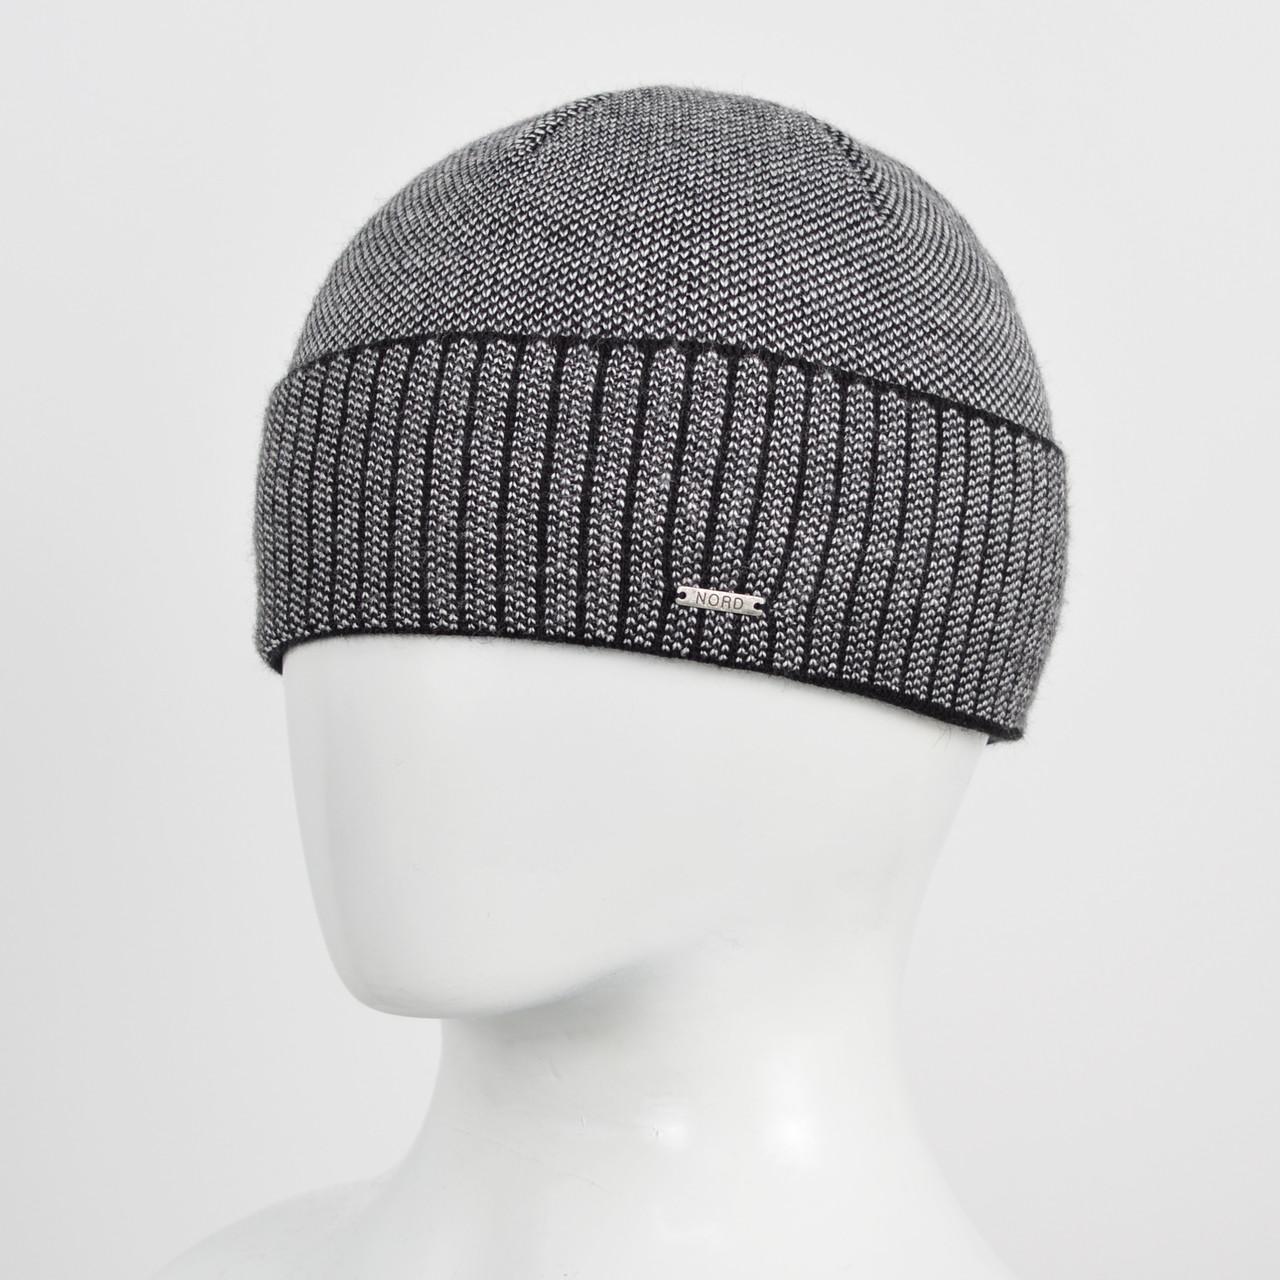 Вязаная шапка Nord на флисе 171712 черный+сталь